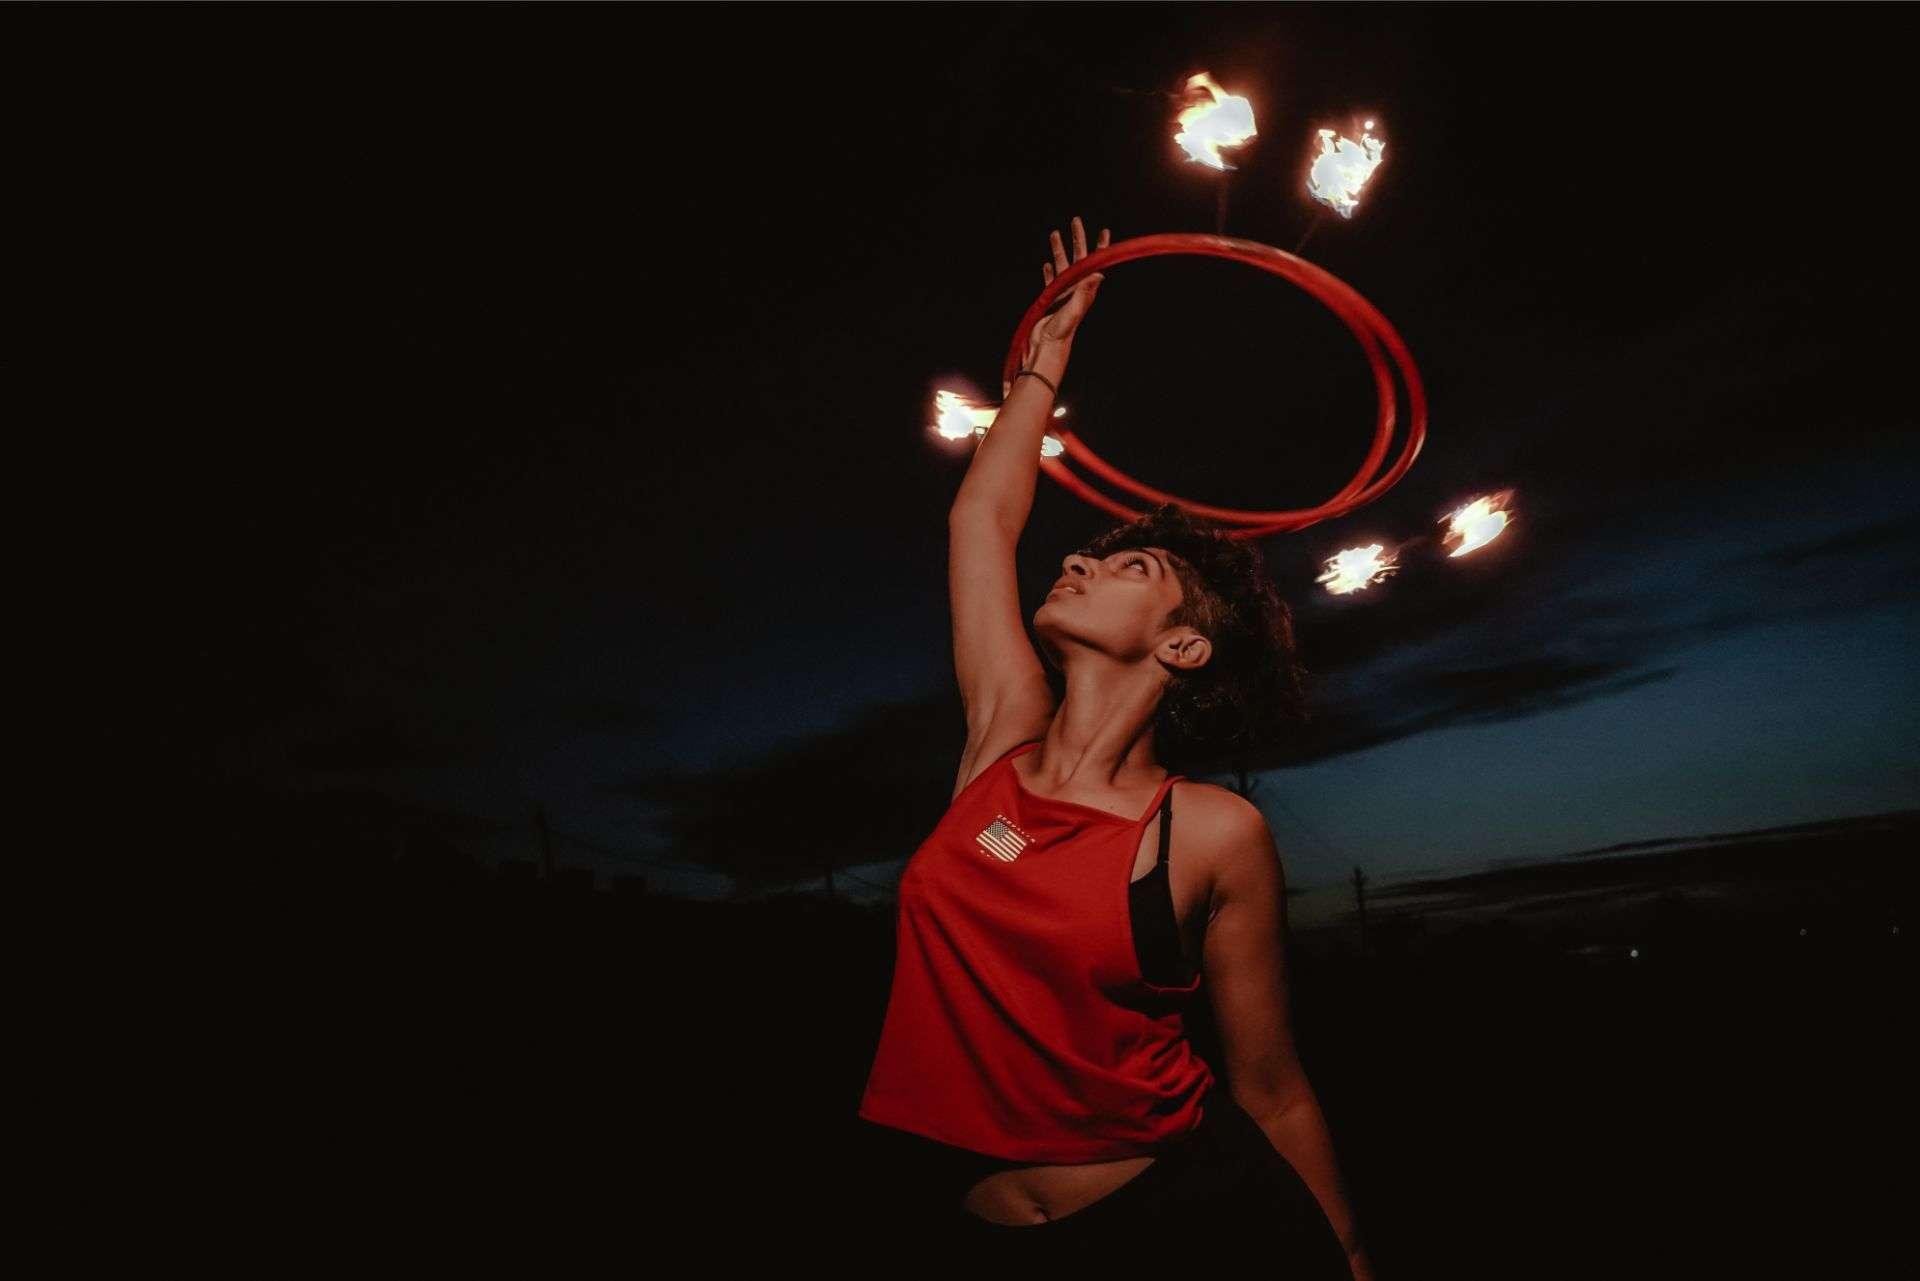 Fire hoop dance red night sky flow